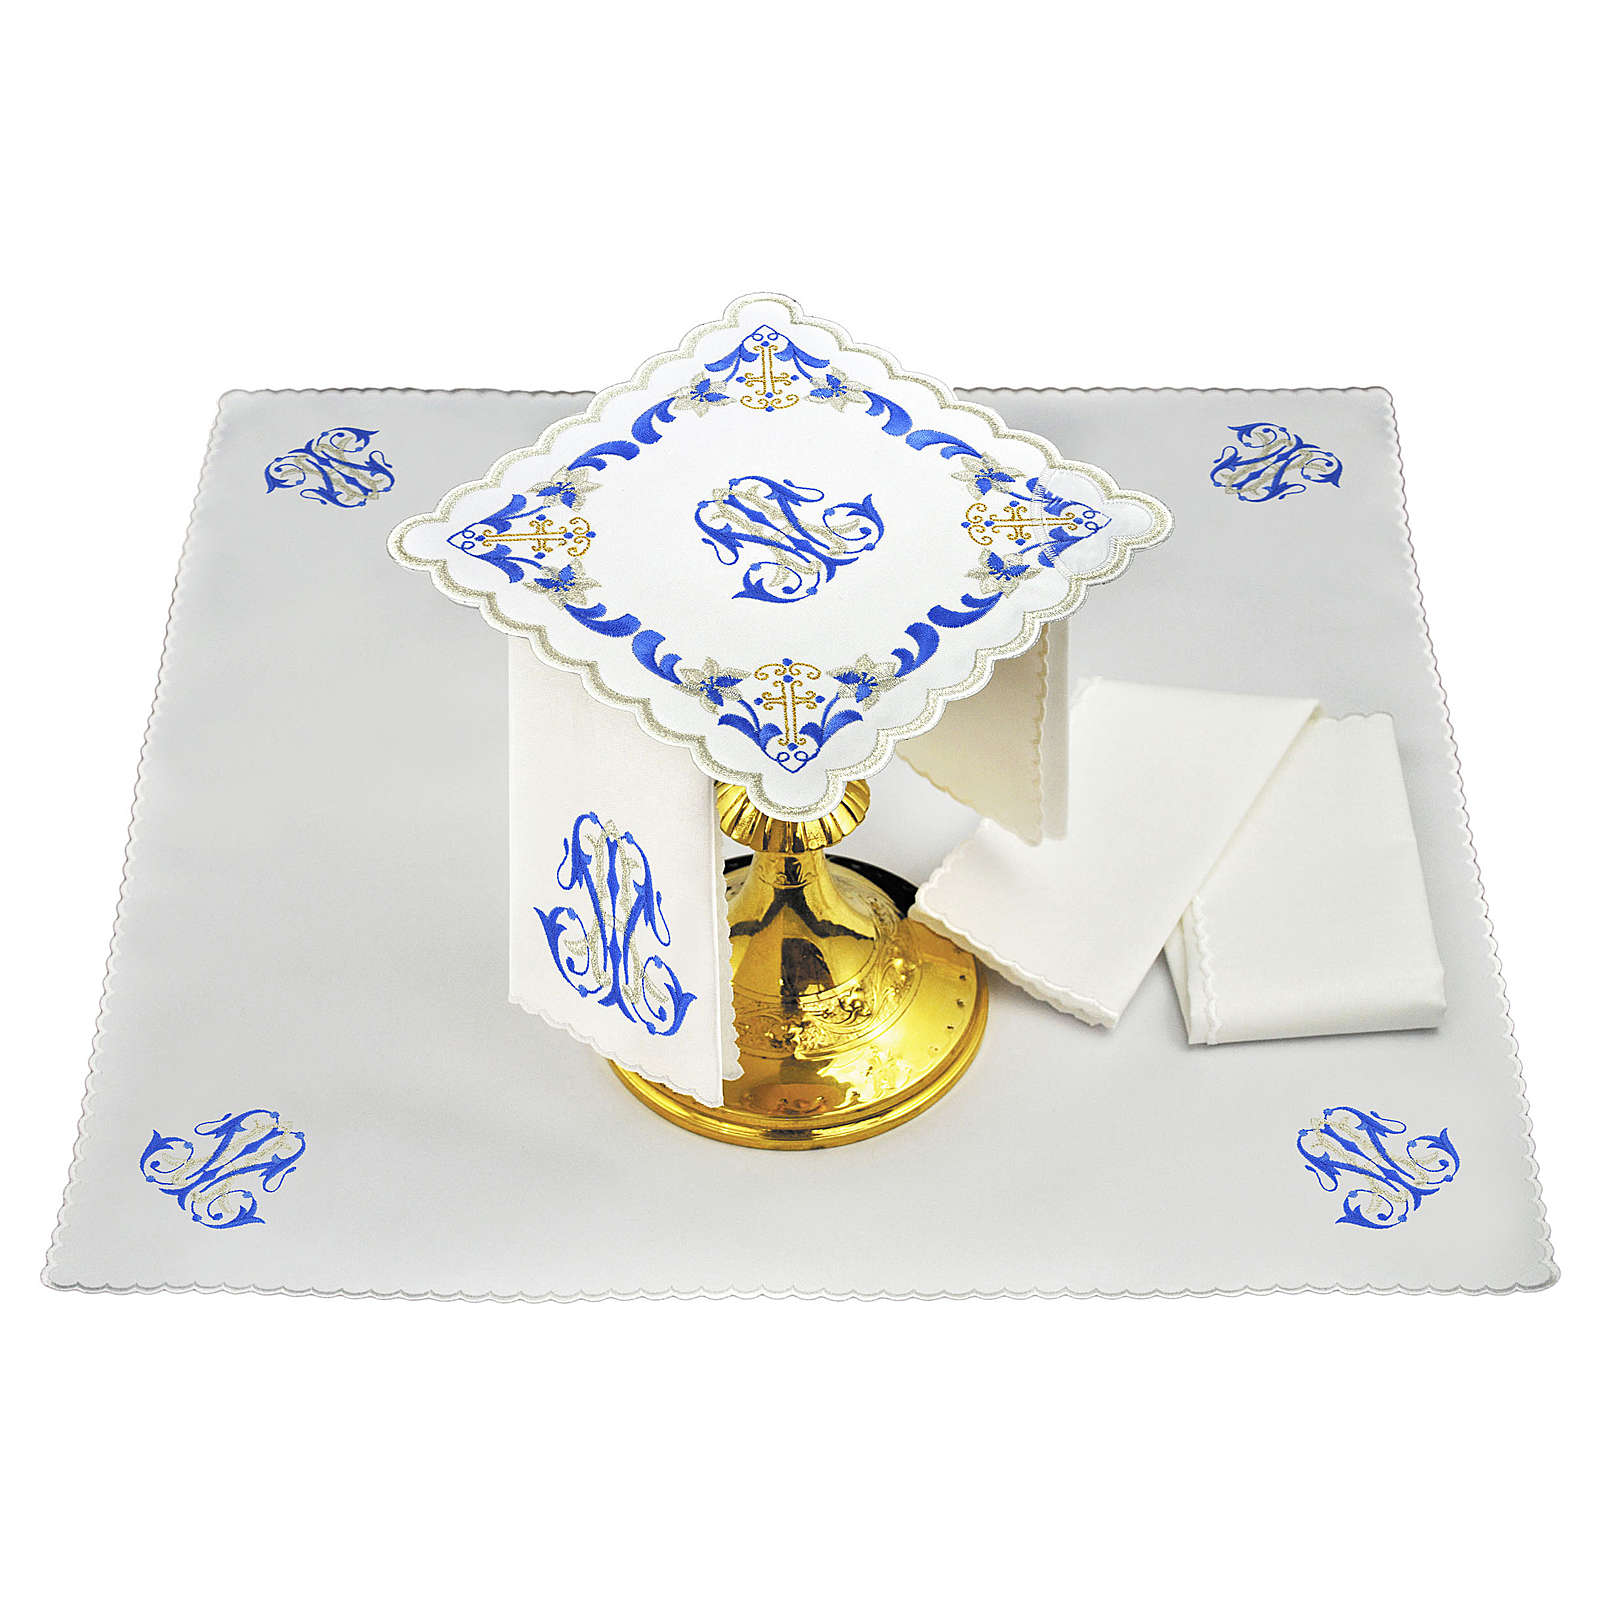 Servizio da altare cotone ricamo grigio blu Santissimo Nome di Maria 4